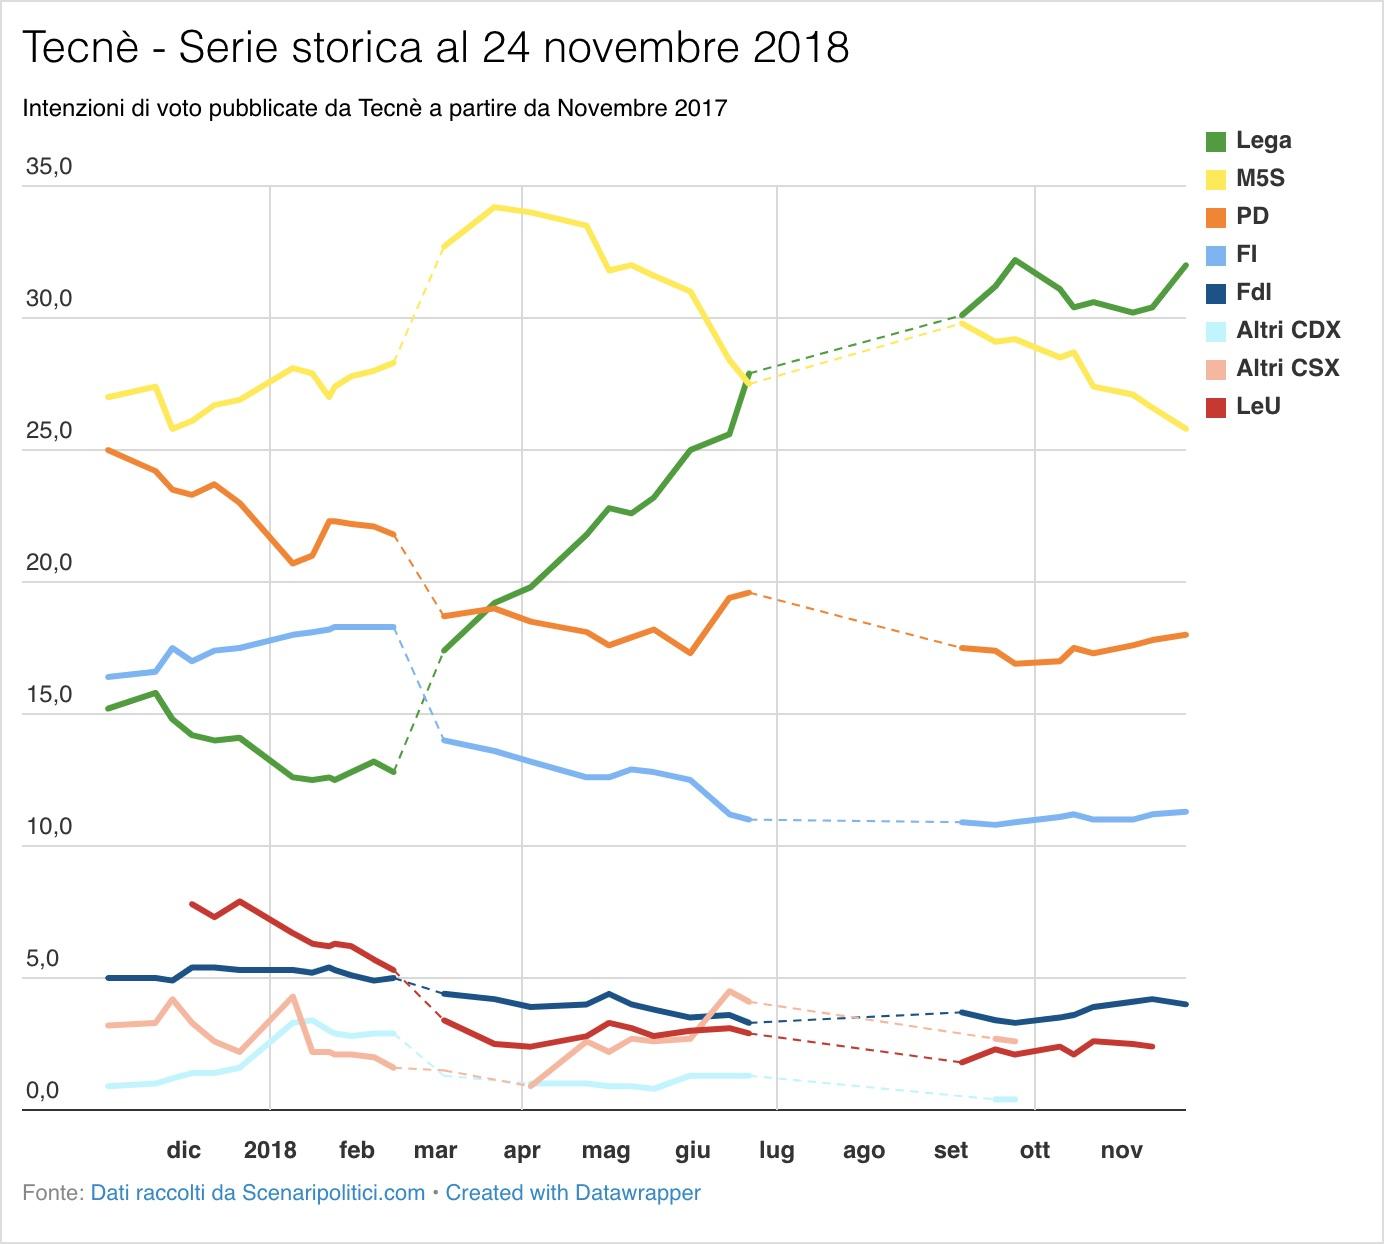 Sondaggio Tecnè (24 novembre 2018)